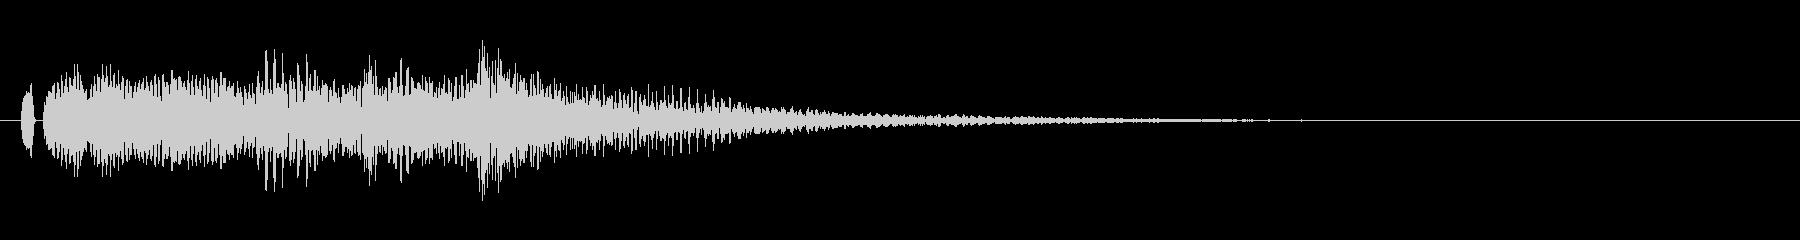 オープニング用ジングル120/ショートの未再生の波形